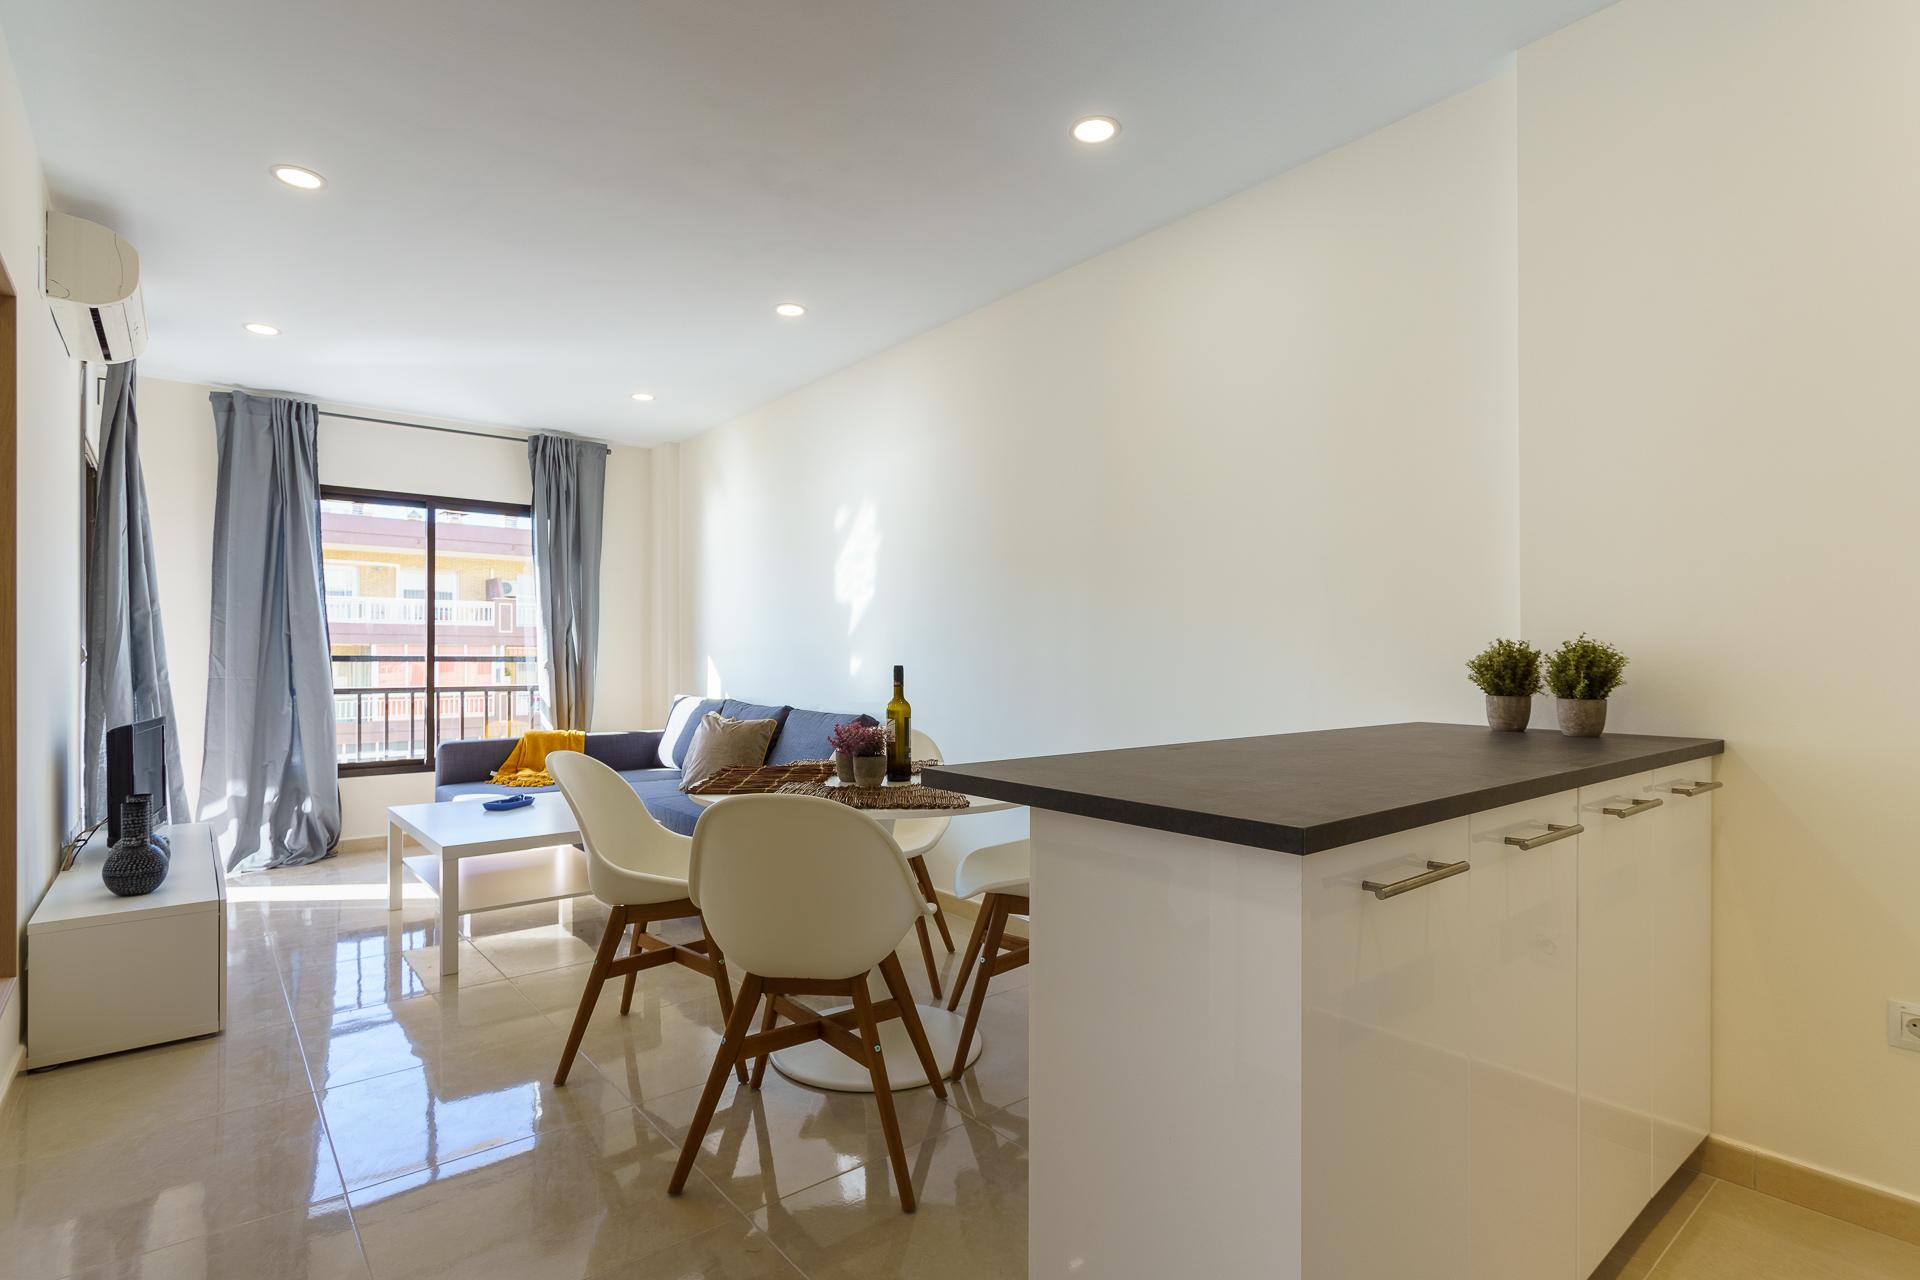 MalagaSuite Cozy Apartment in Fuengirola photo 20507056